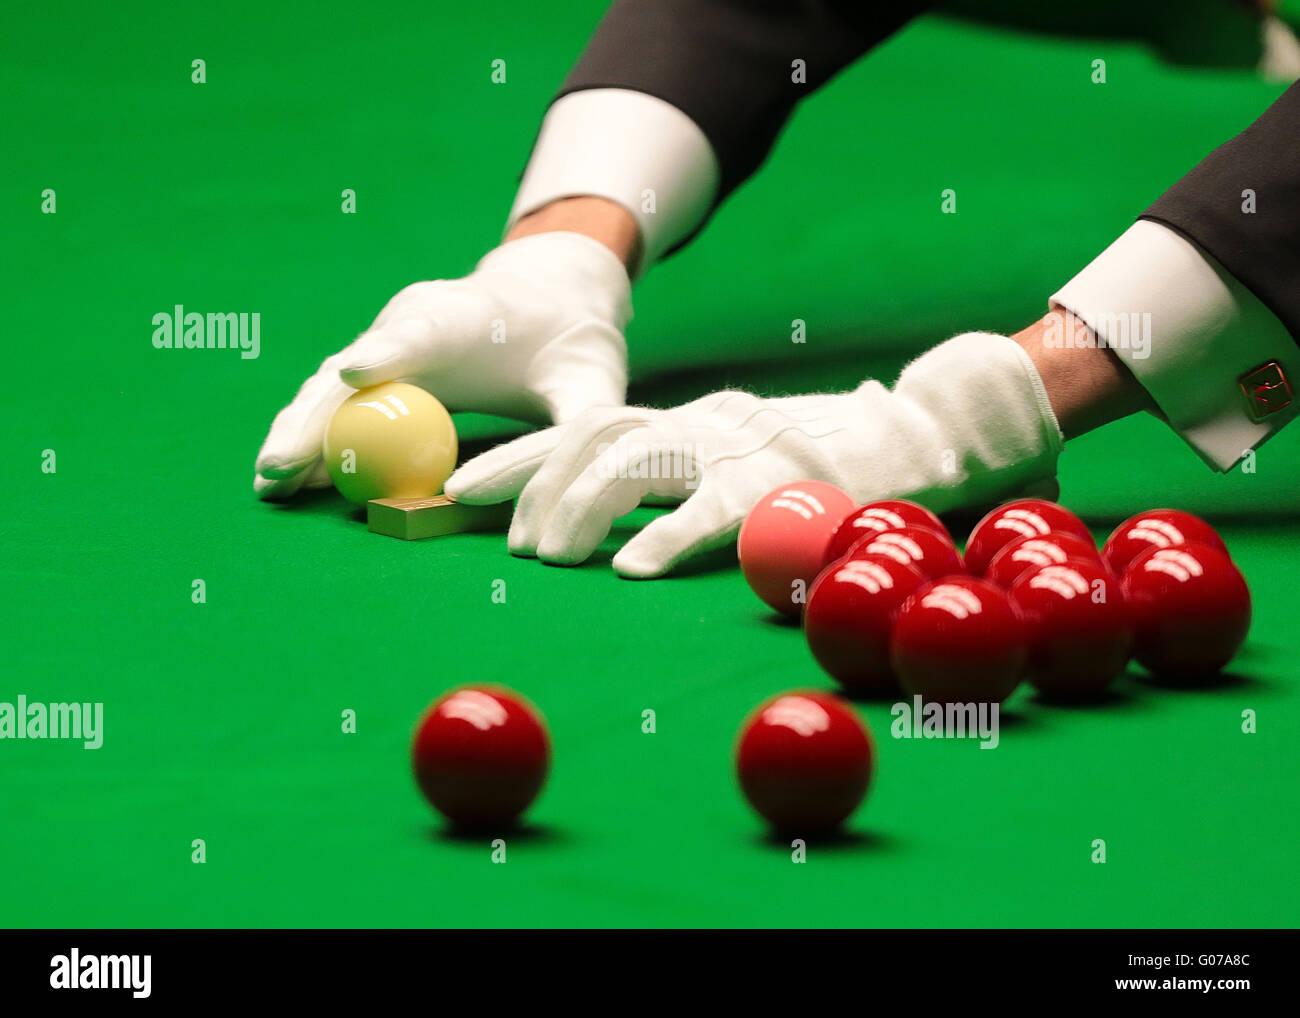 Il crogiuolo, Sheffield, Regno Unito. 30 apr, 2016. World Snooker Championship. Semi Finale, Ding Junhui versus Immagini Stock